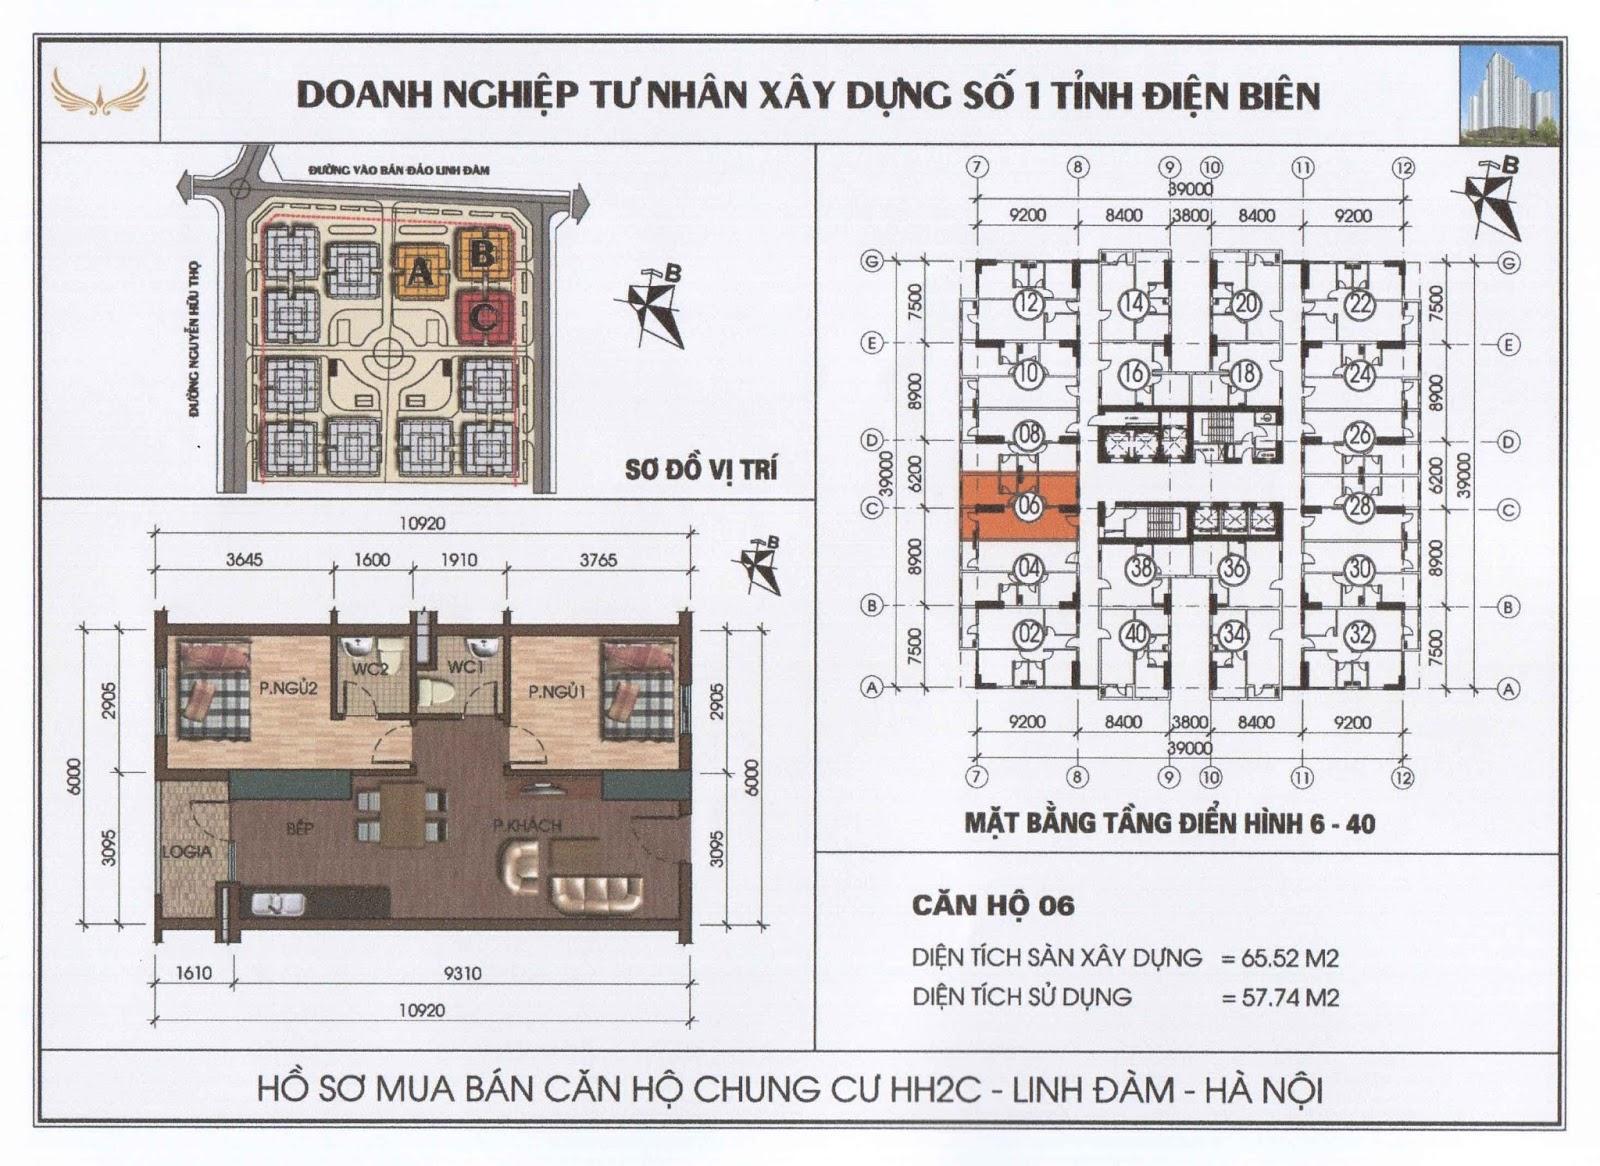 Thiết kế dự án HH2C Linh Đàm